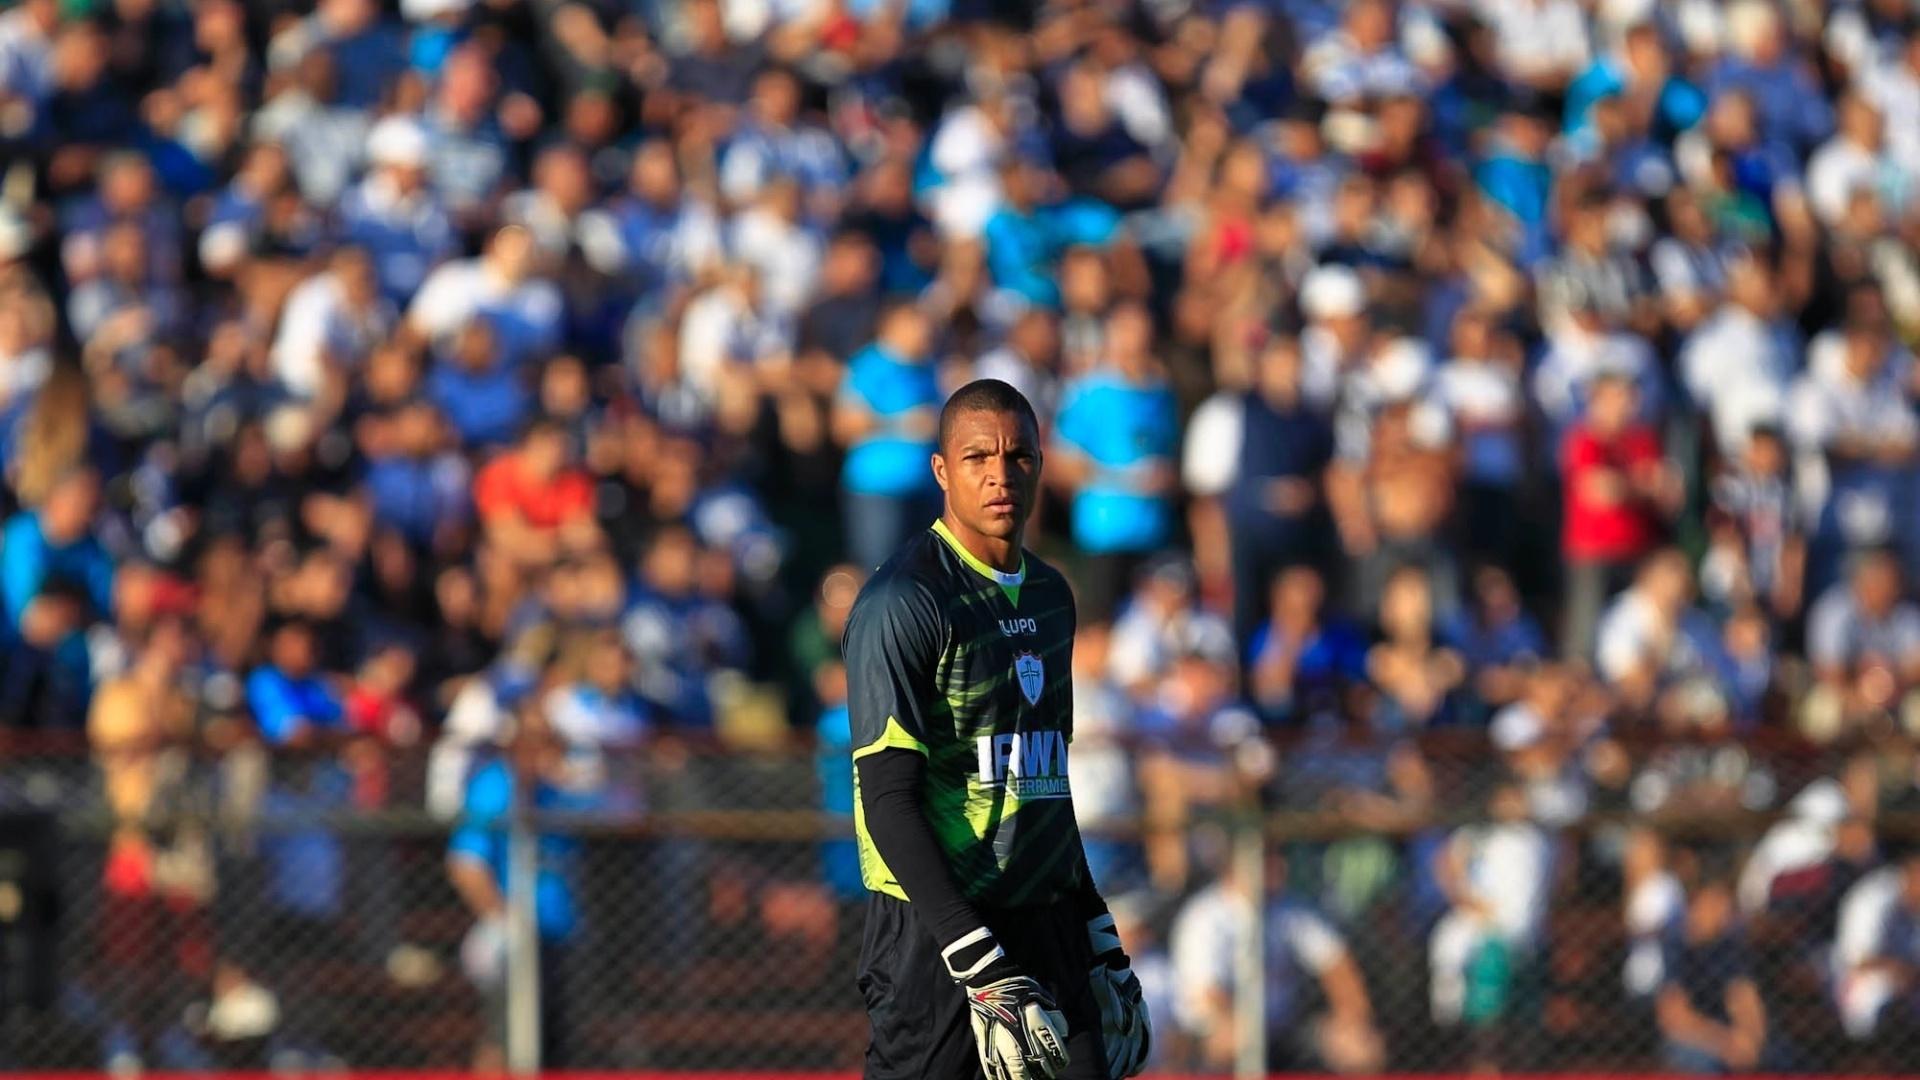 Goleiro Dida, da Portuguesa, participa do jogo contra o Santos, no Canindé